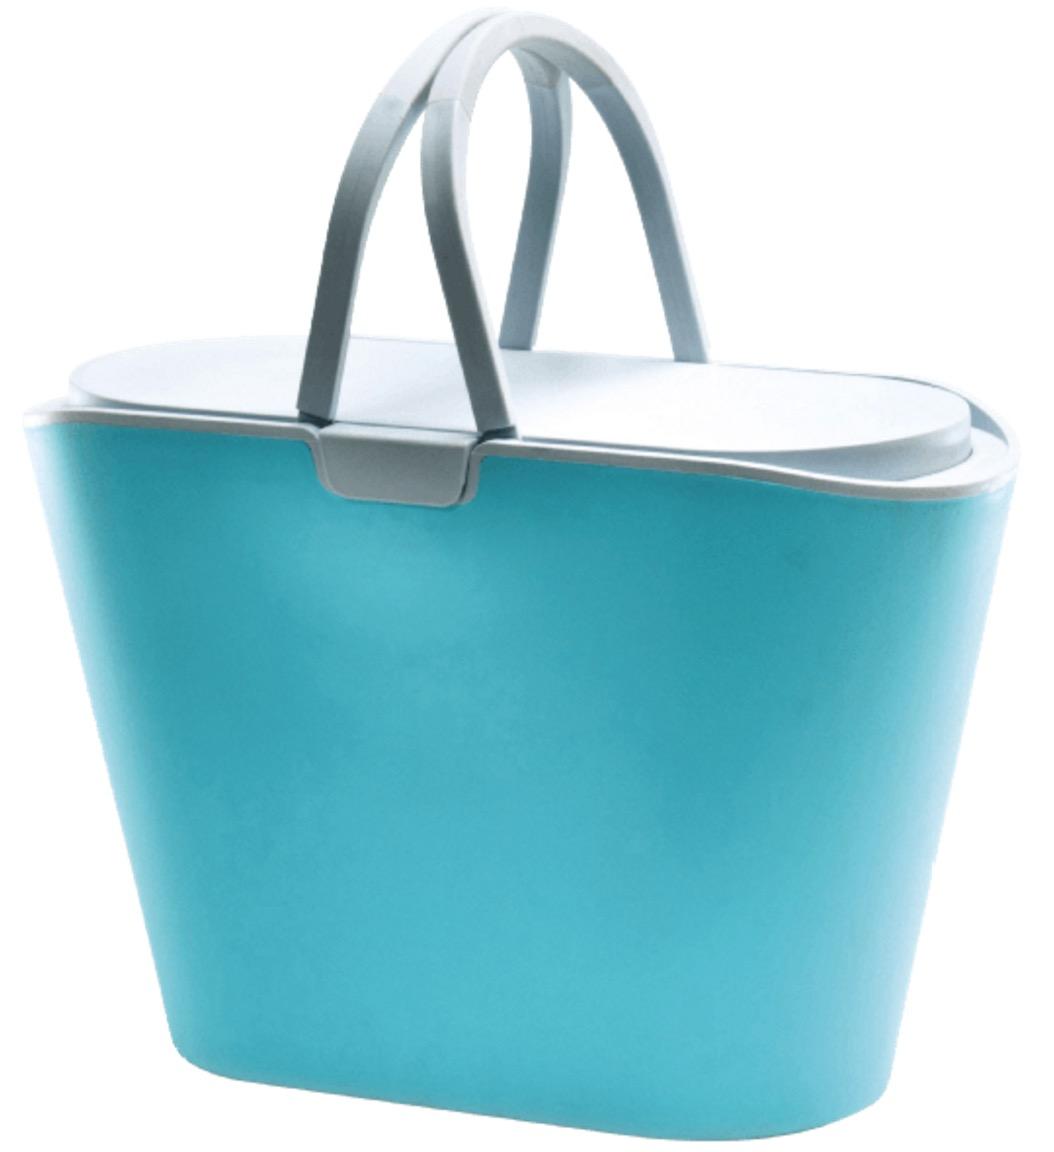 Stylische Tepro Alma Coolbox Kühltasche (Nutzinhalt 9 Liter) inkl. Eispad für nur 9,99 Euro